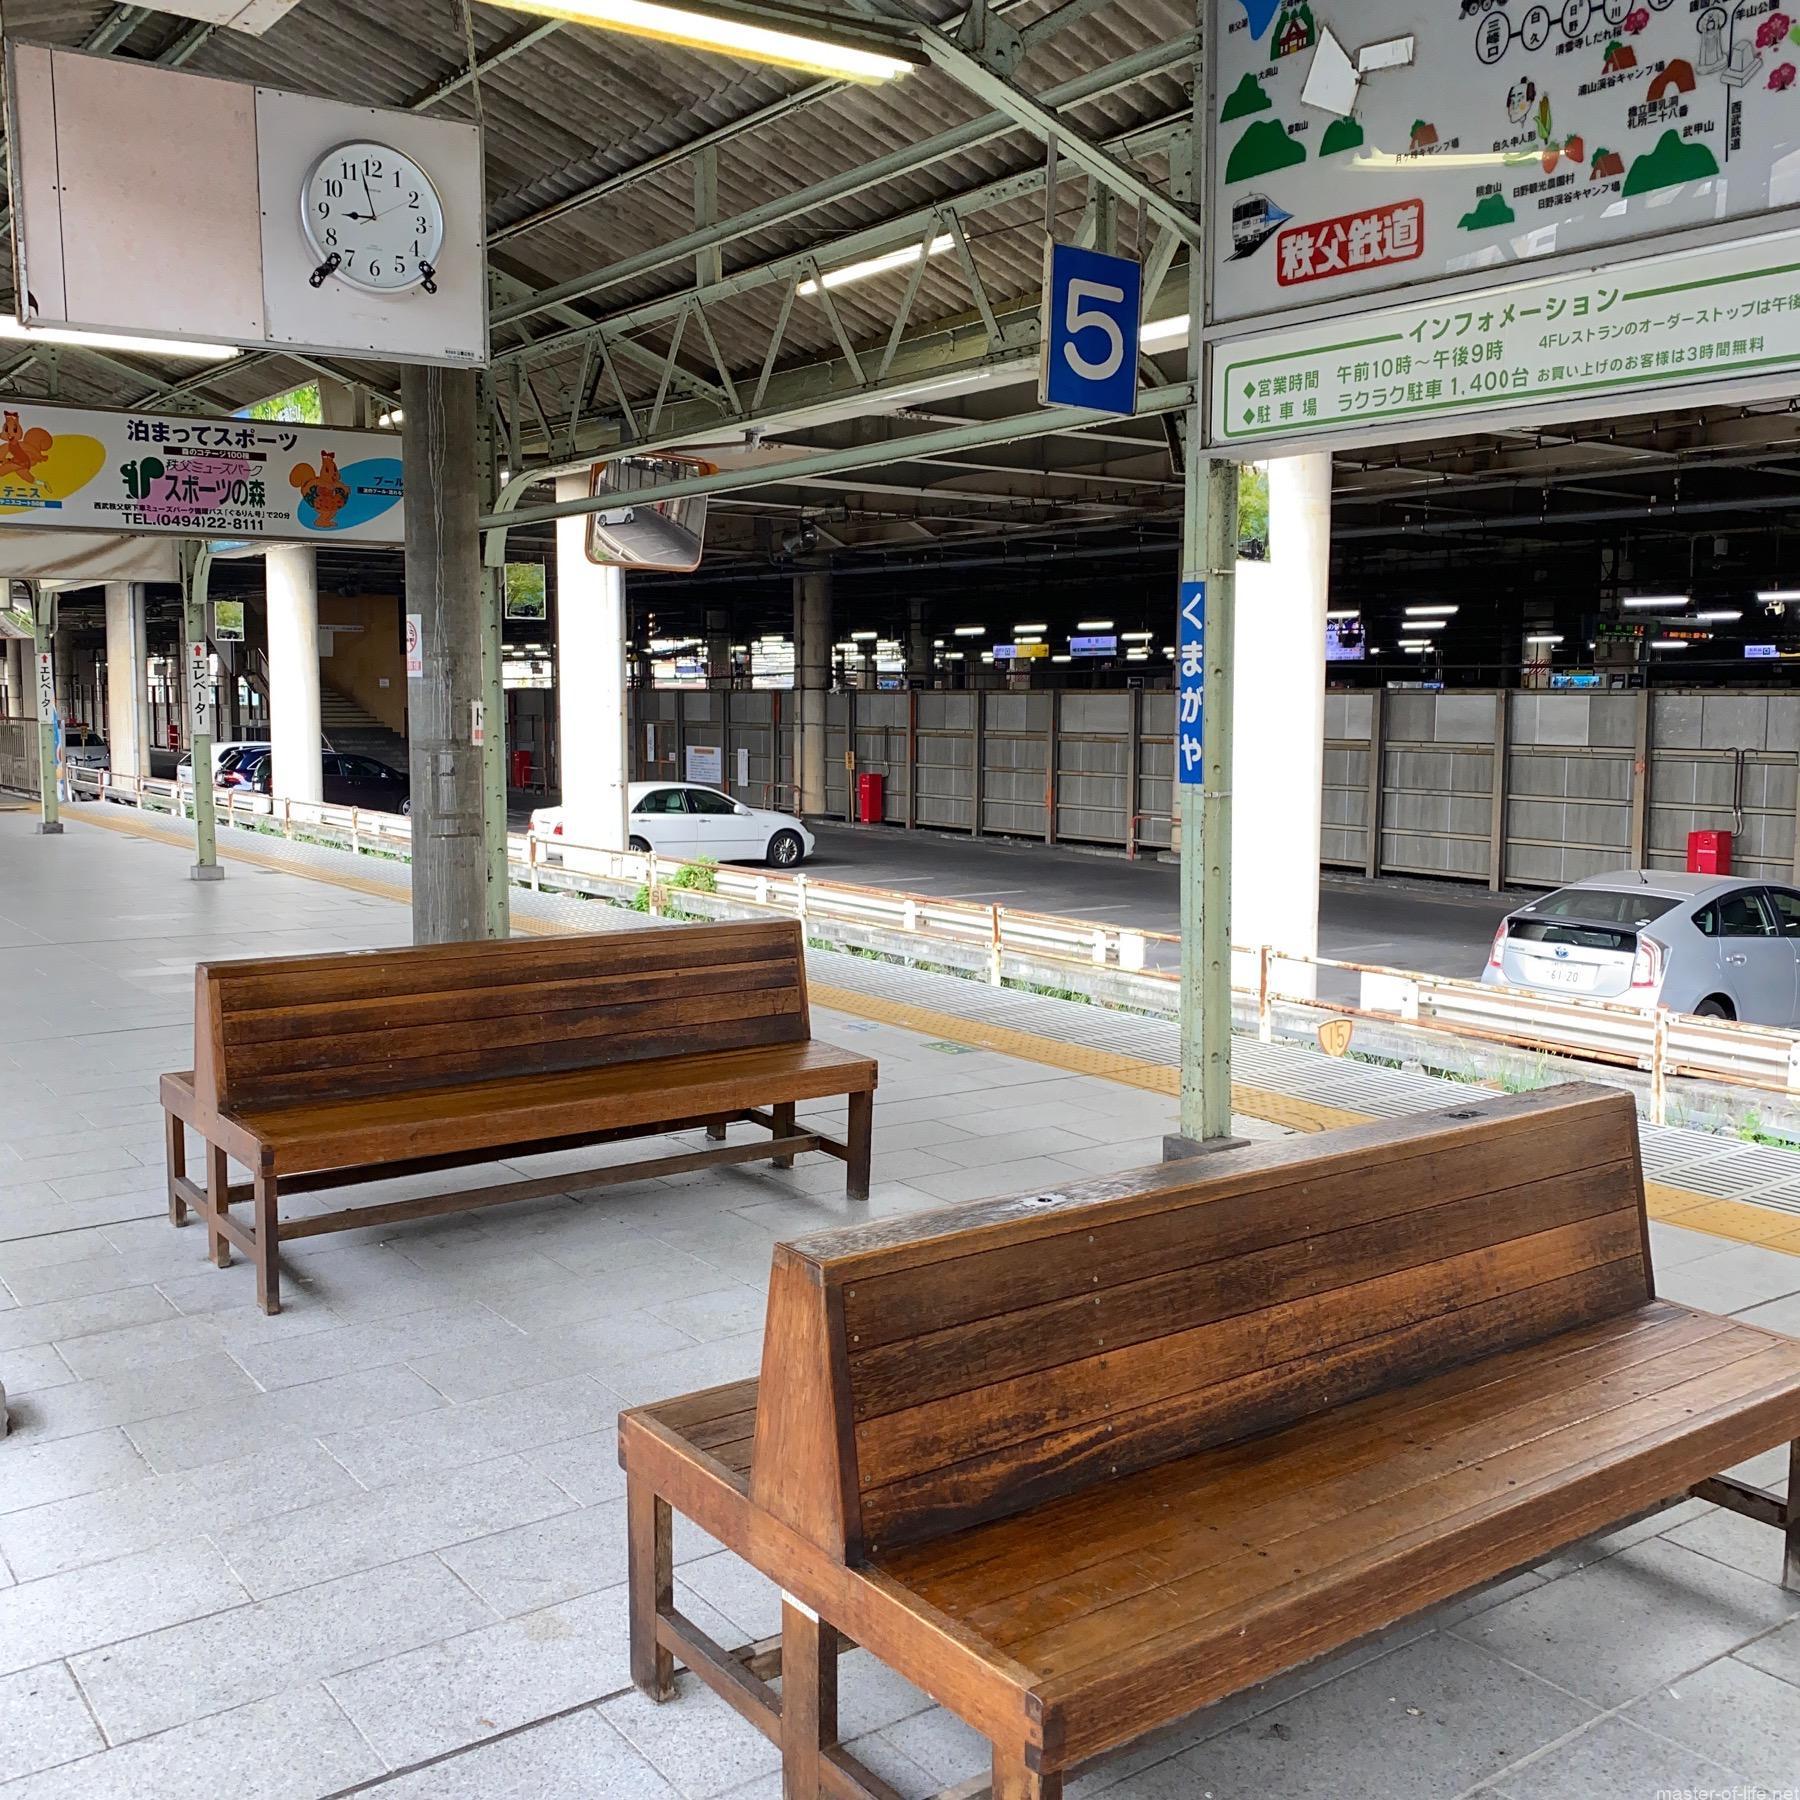 熊谷駅ベンチ